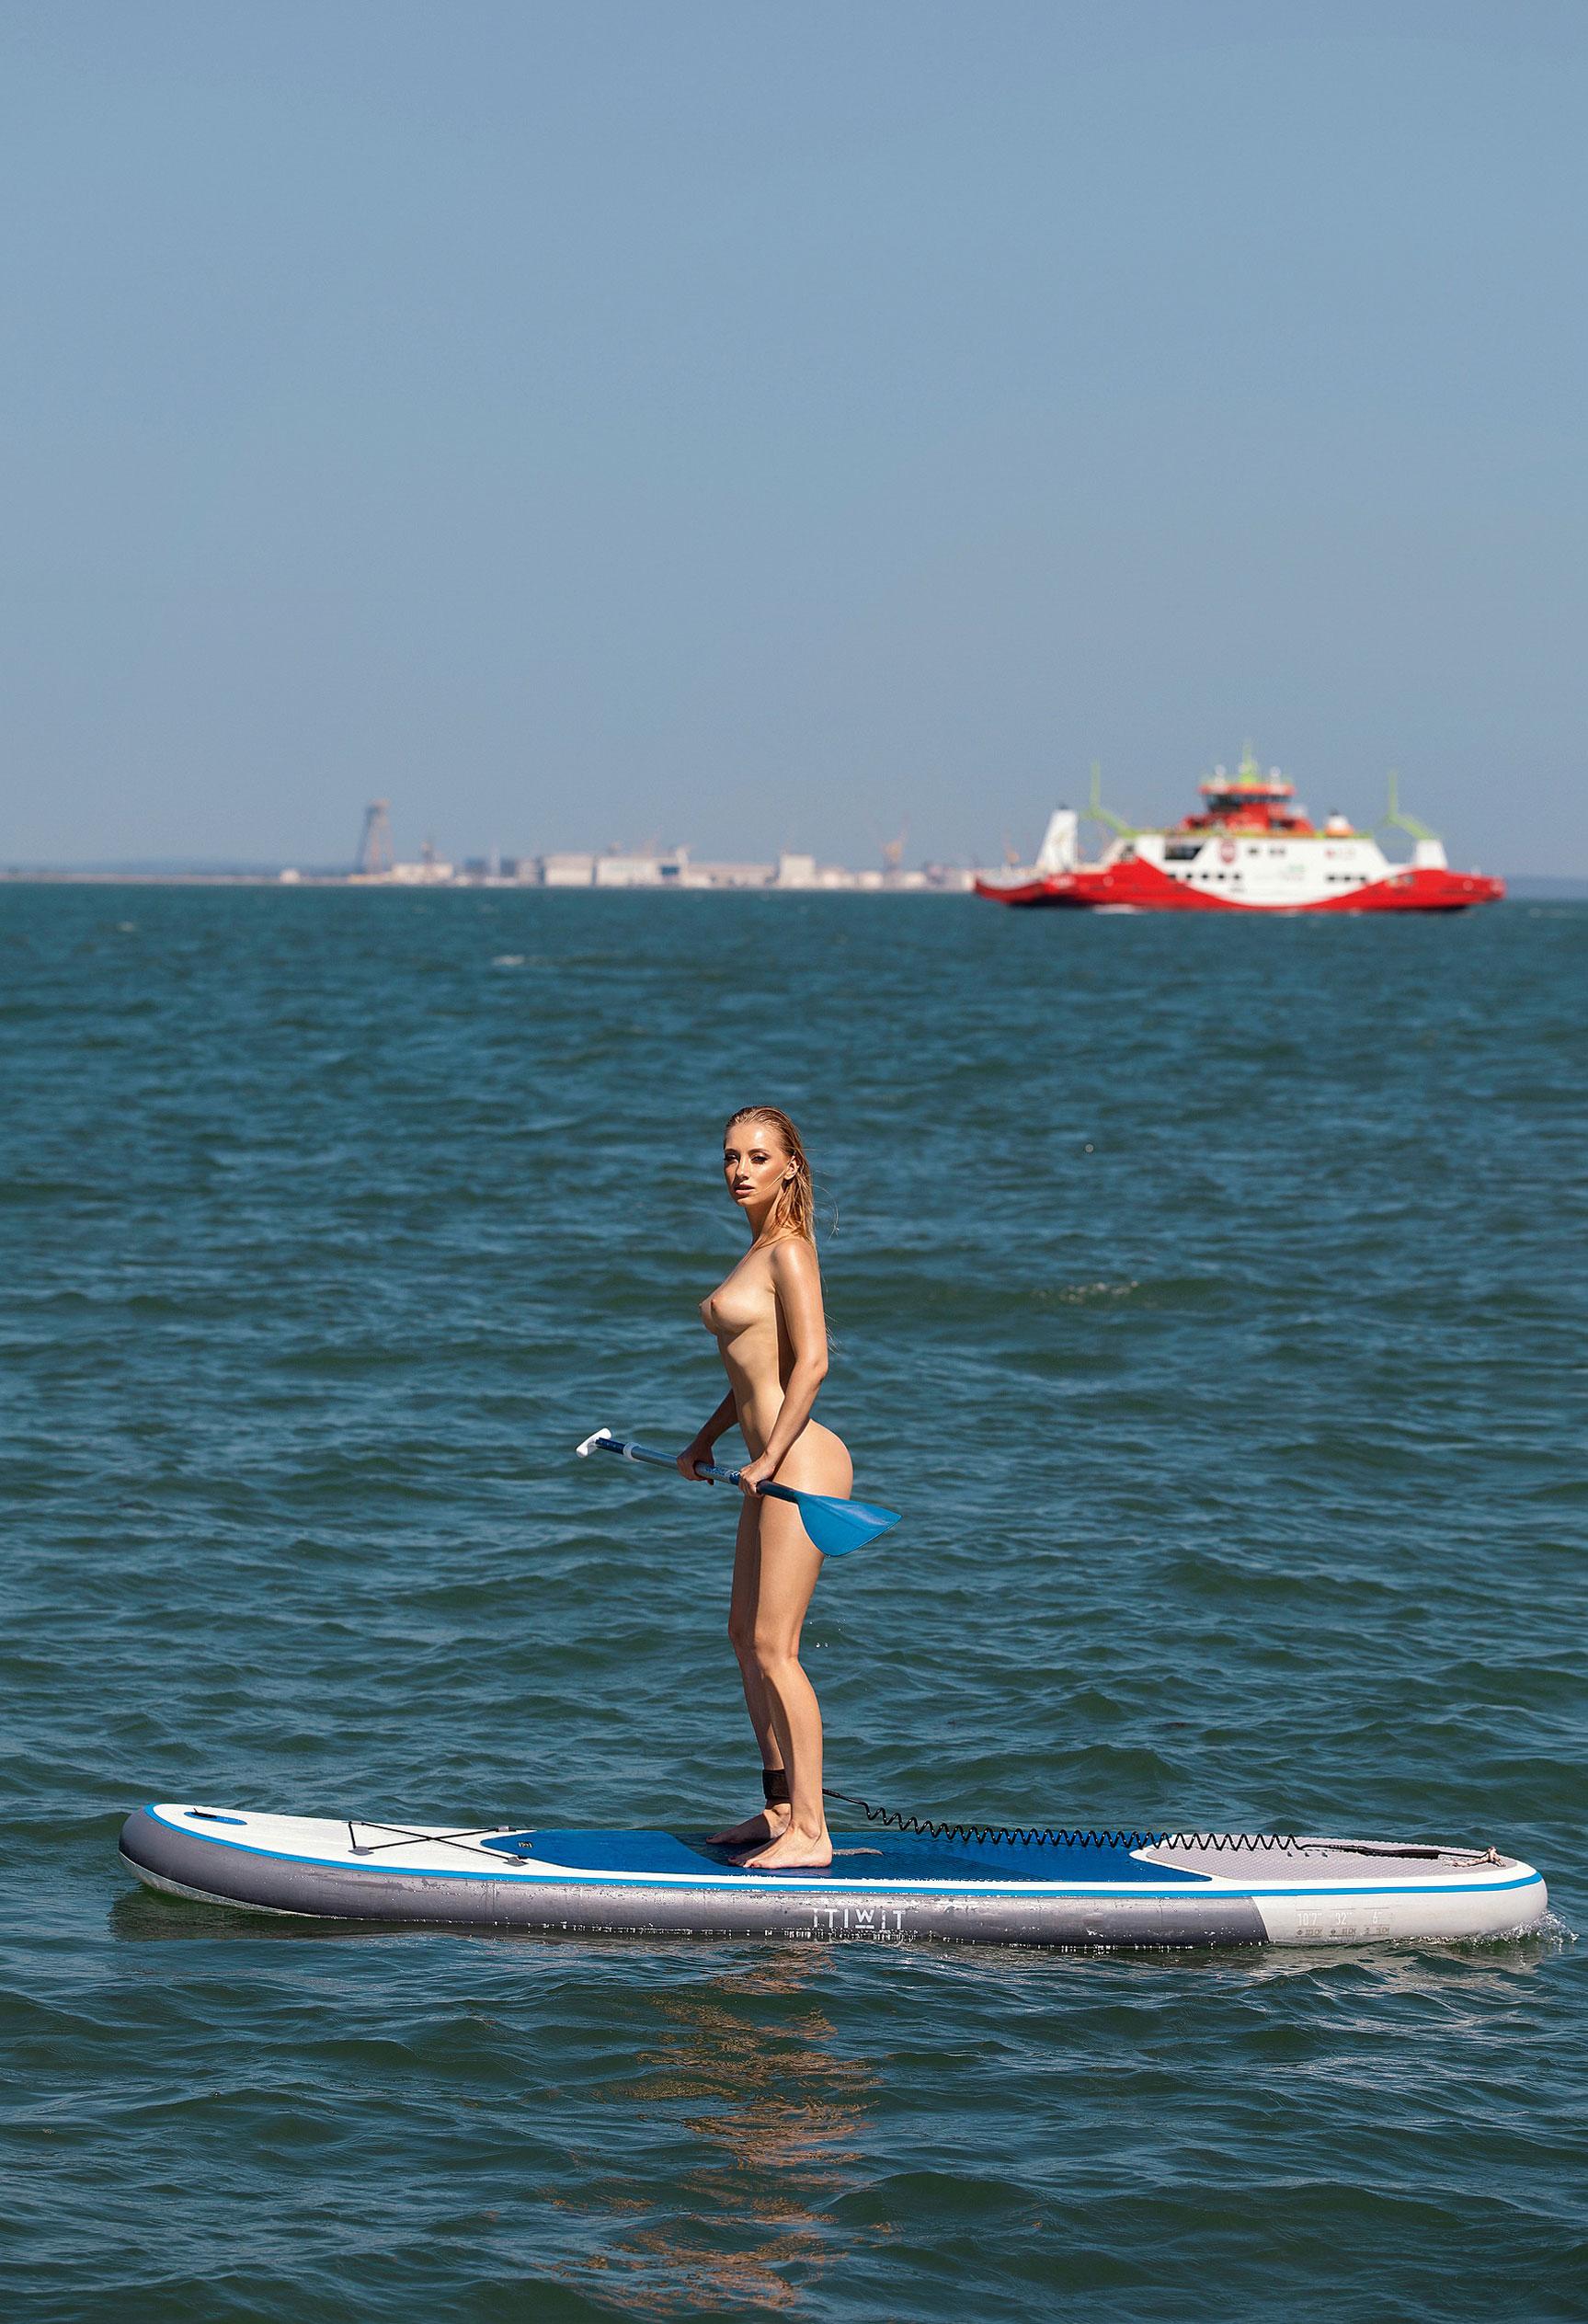 Анна Иоаннова на яхте у португальского побережья / фото 10